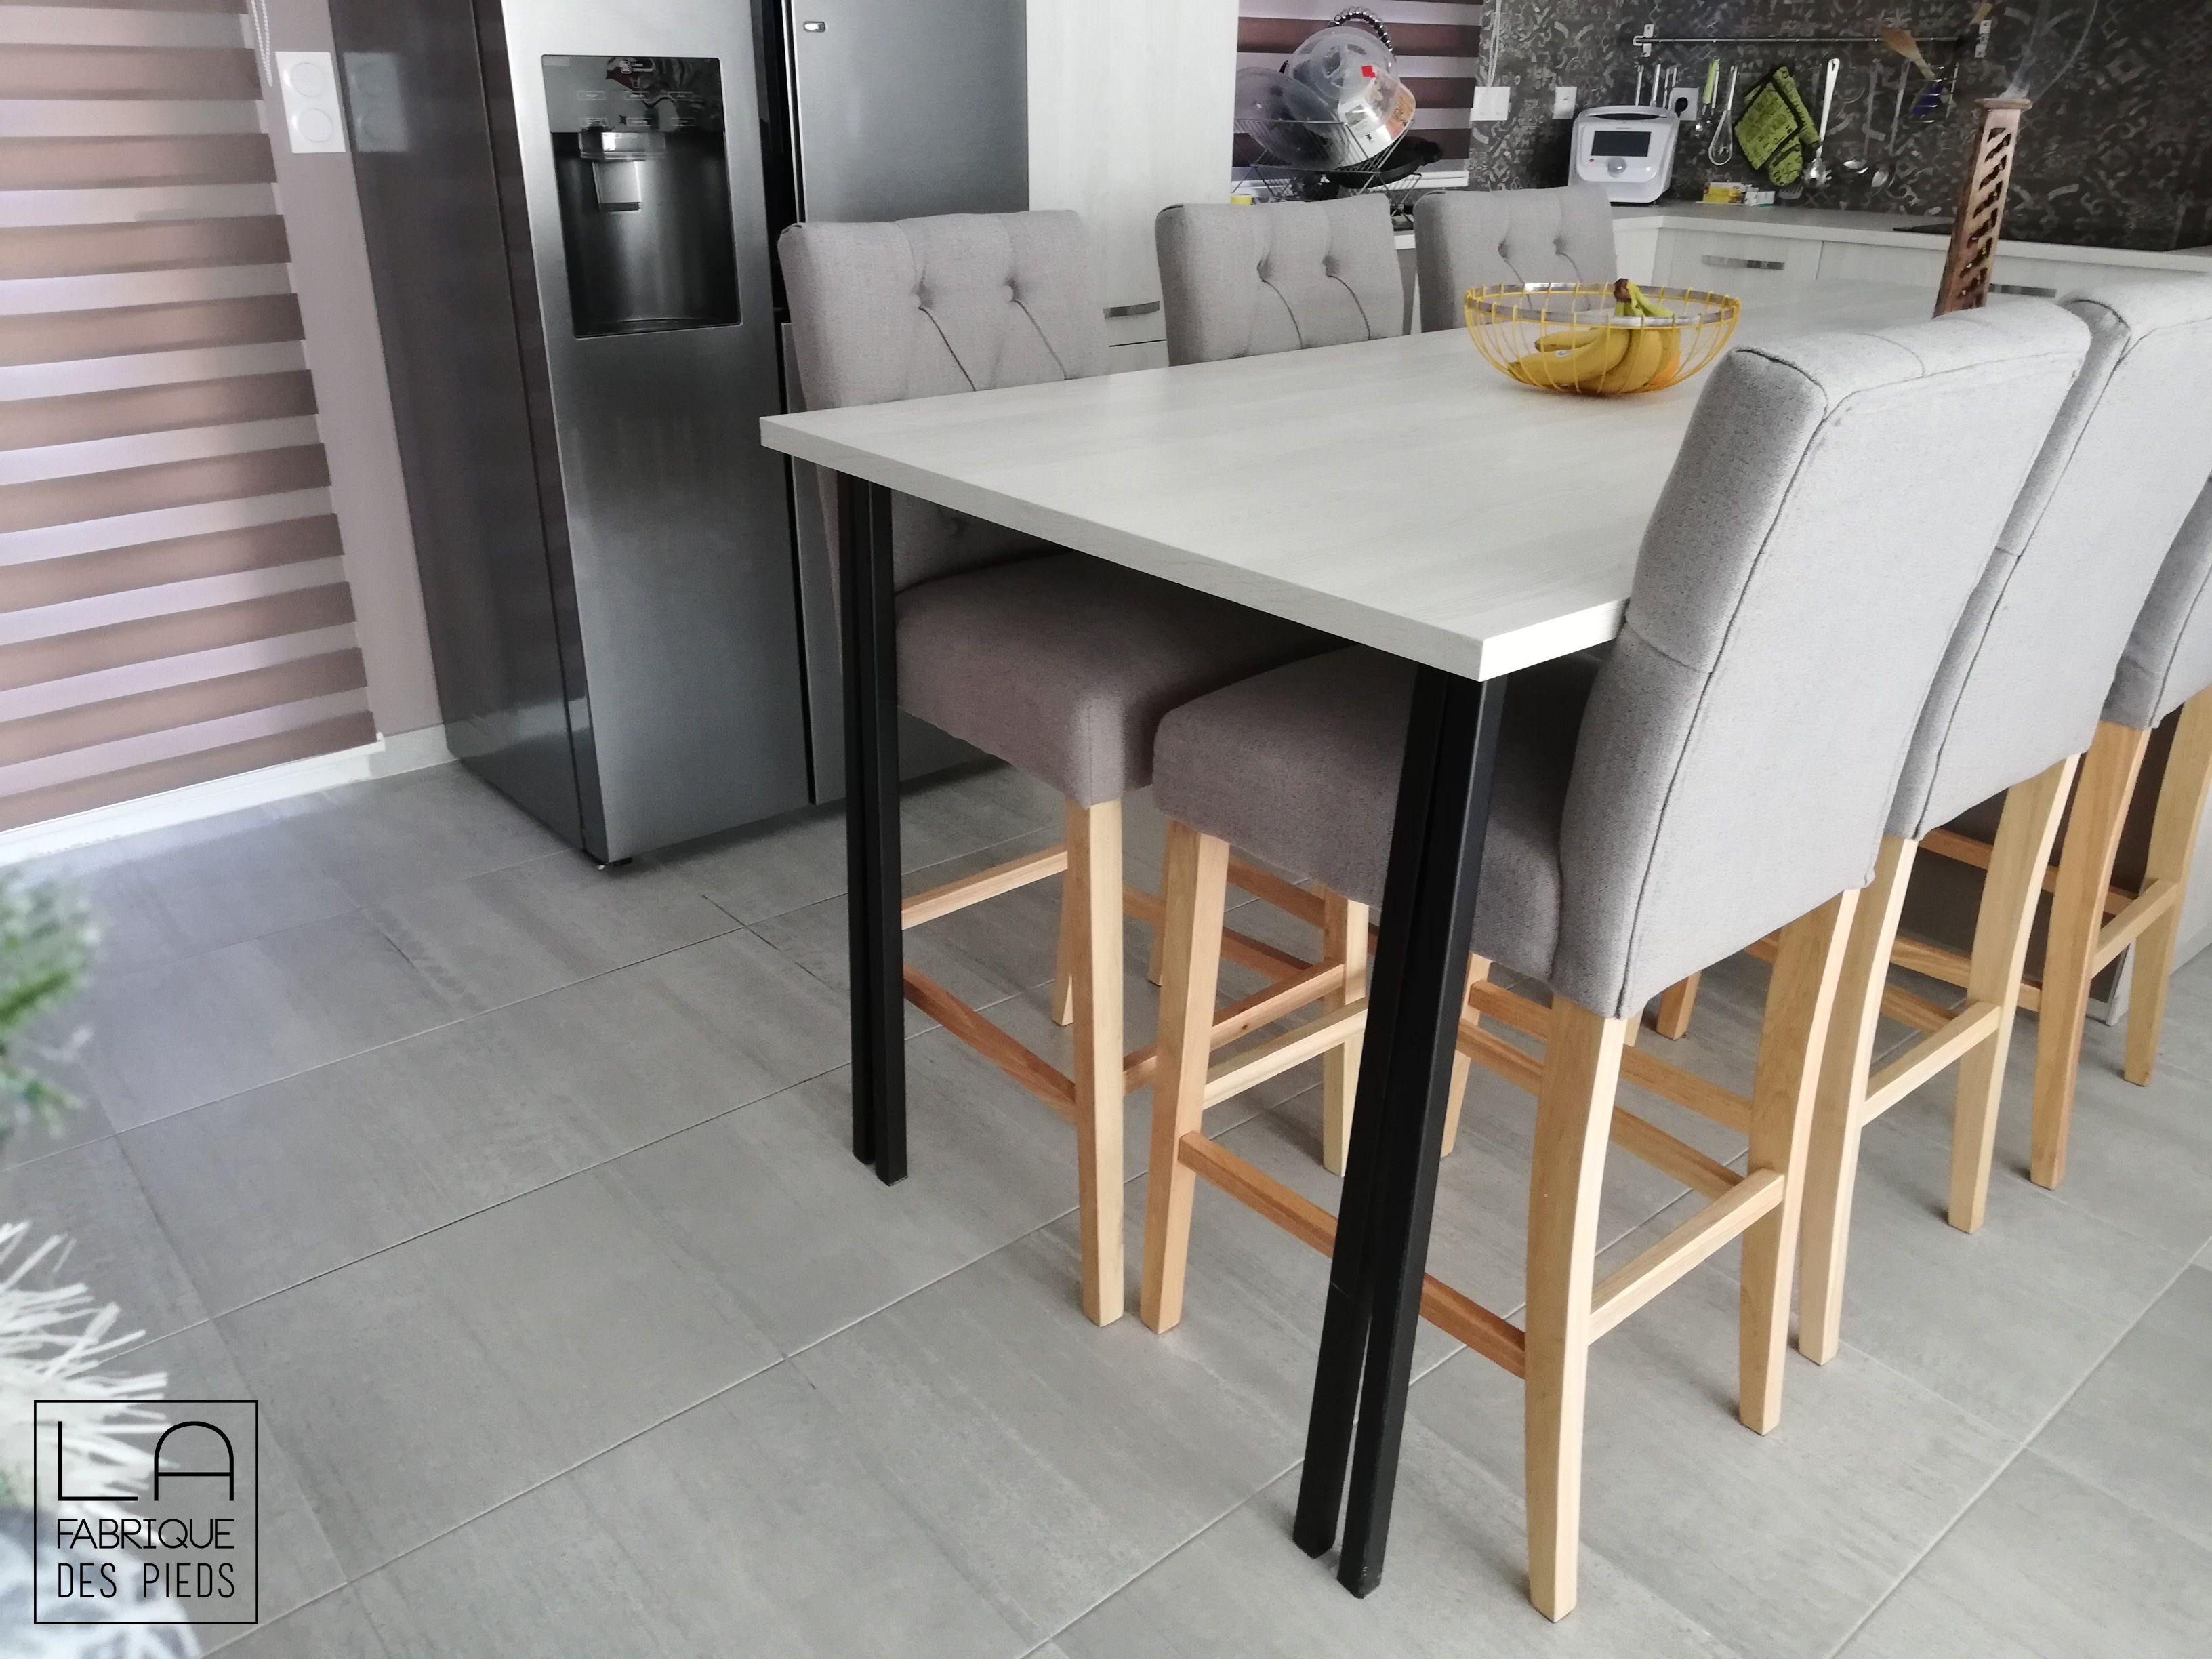 Pied Ilot Central 90 Cm Carre La Fabrique Des Pieds En 2020 La Fabrique Des Pieds Table Haute Cuisine Table Haute